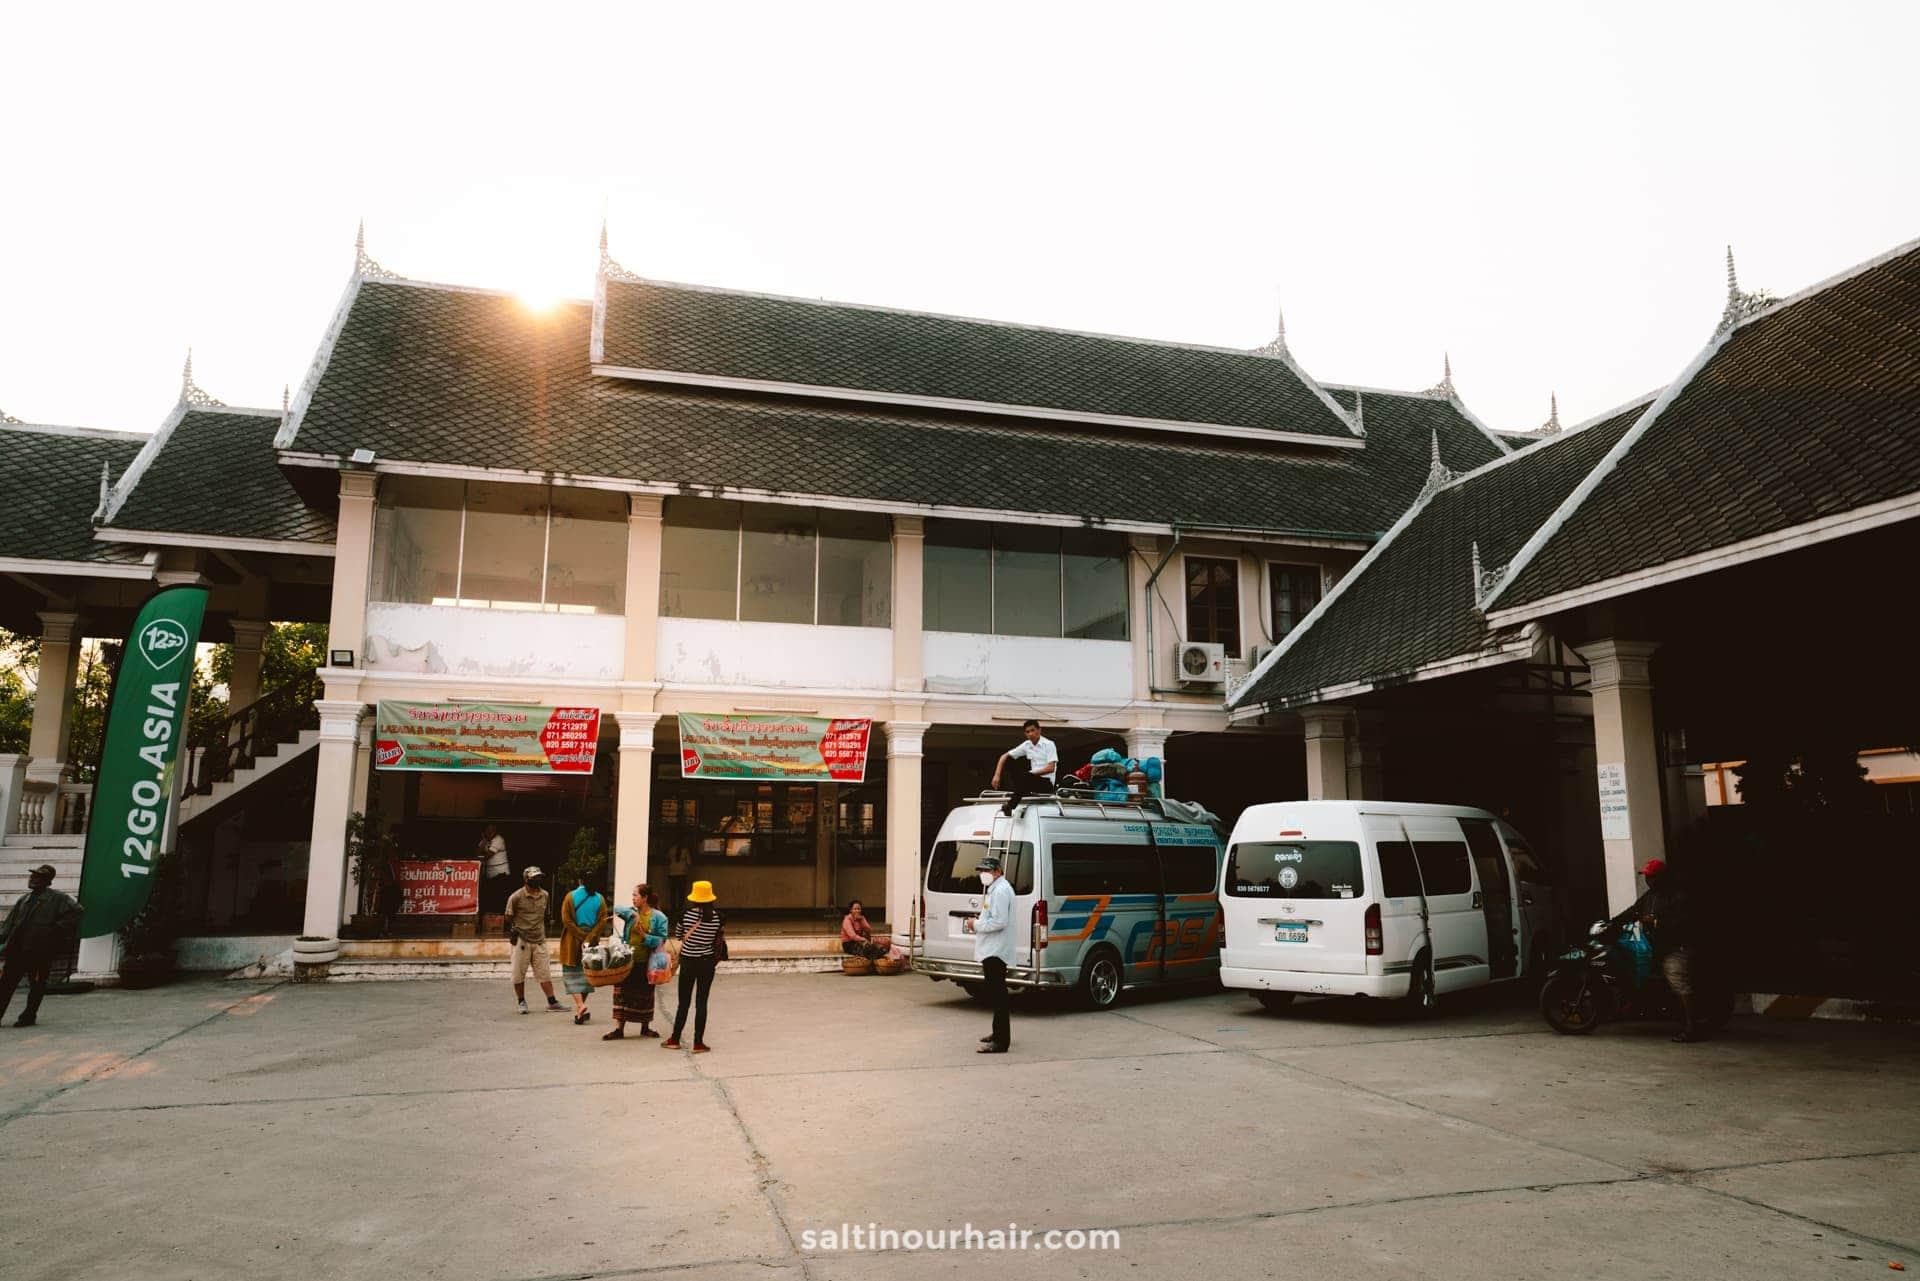 luang prabang bus station